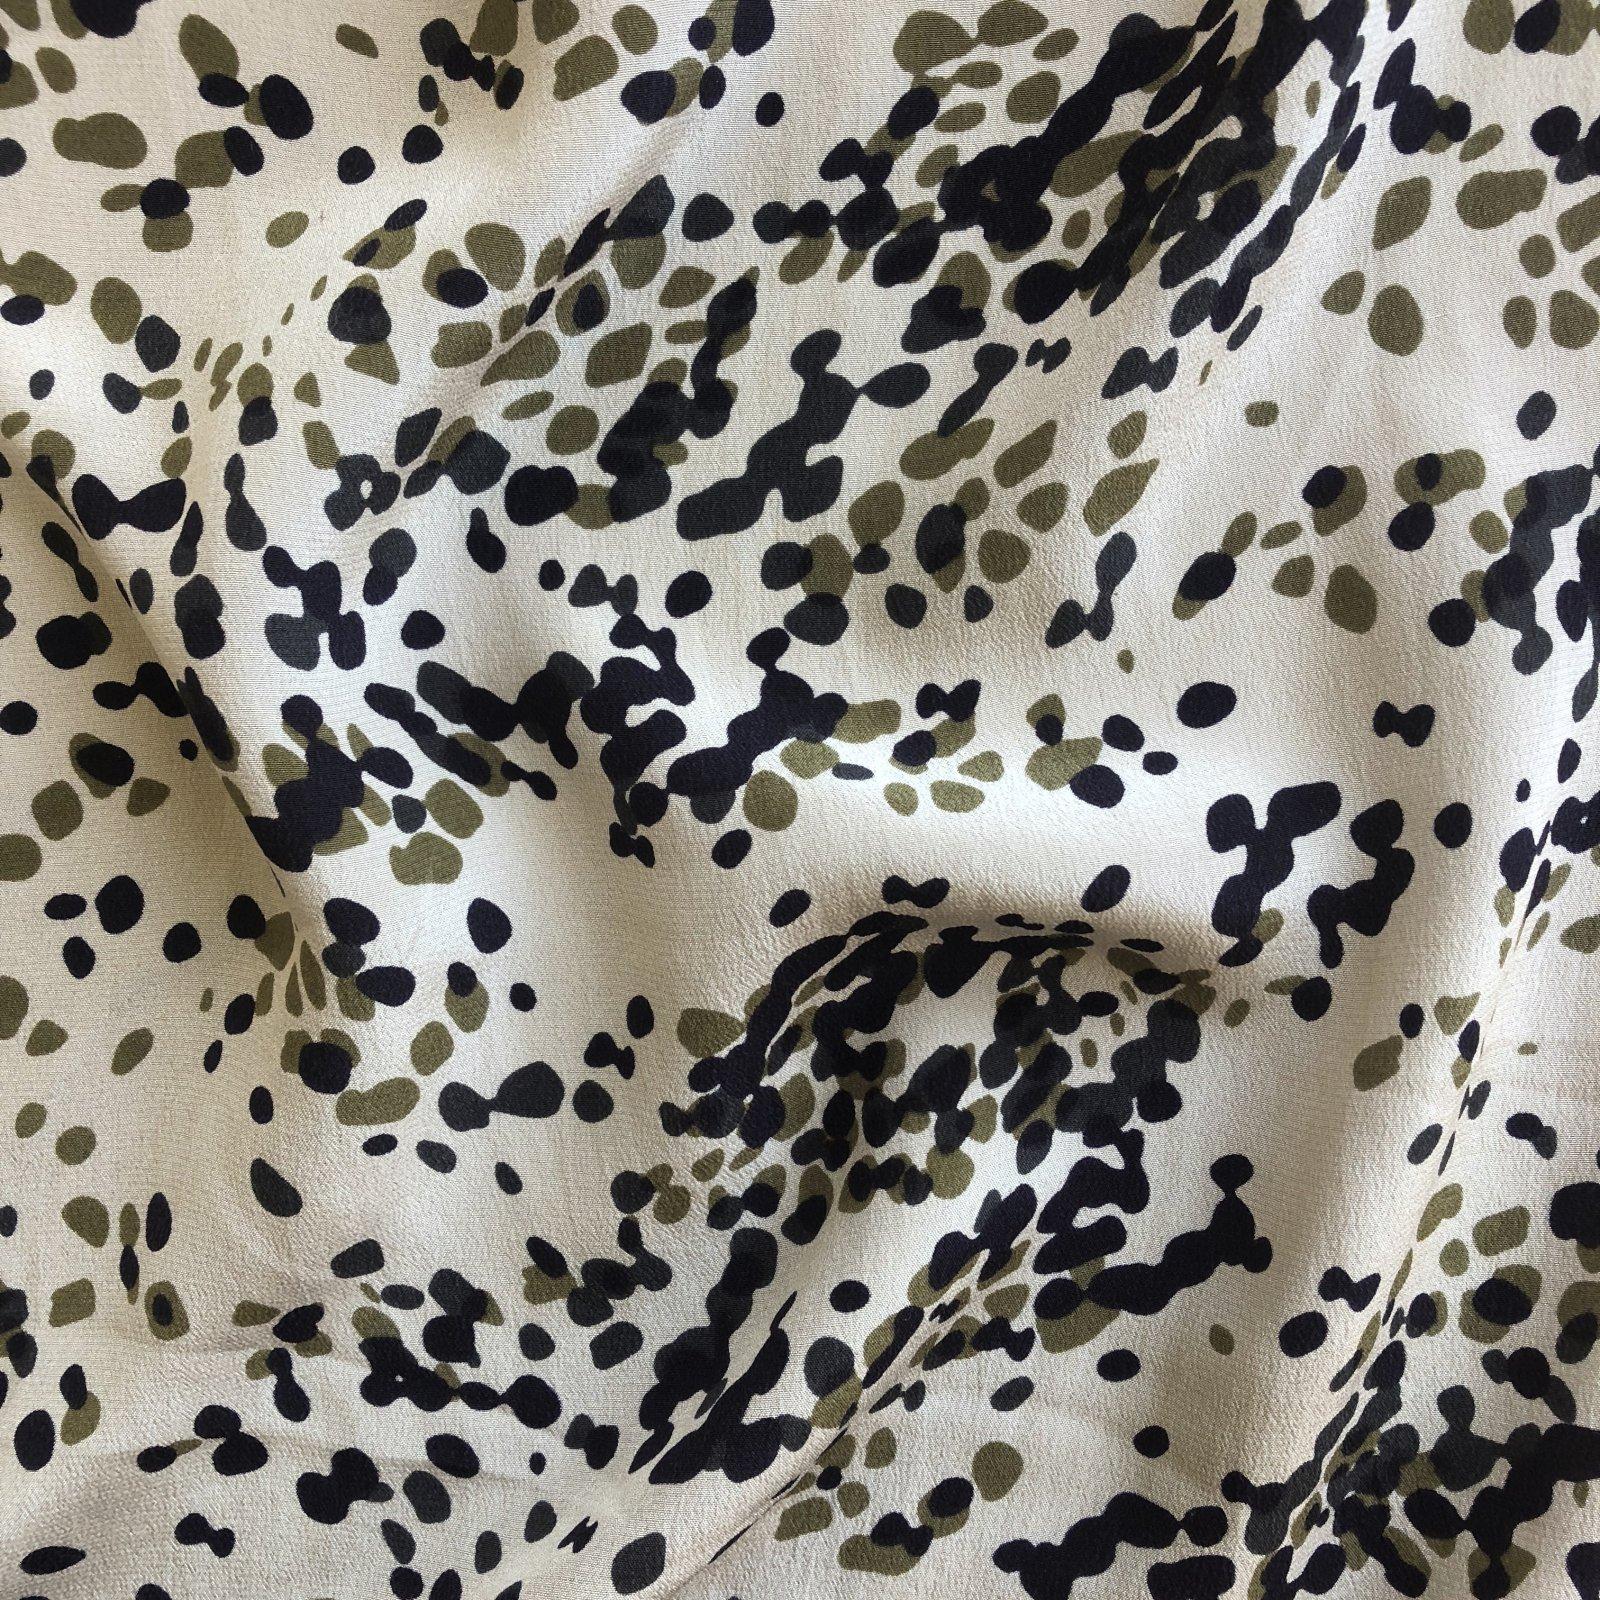 Sandwashed Silk Crepe - Speckles - Olive/Ink